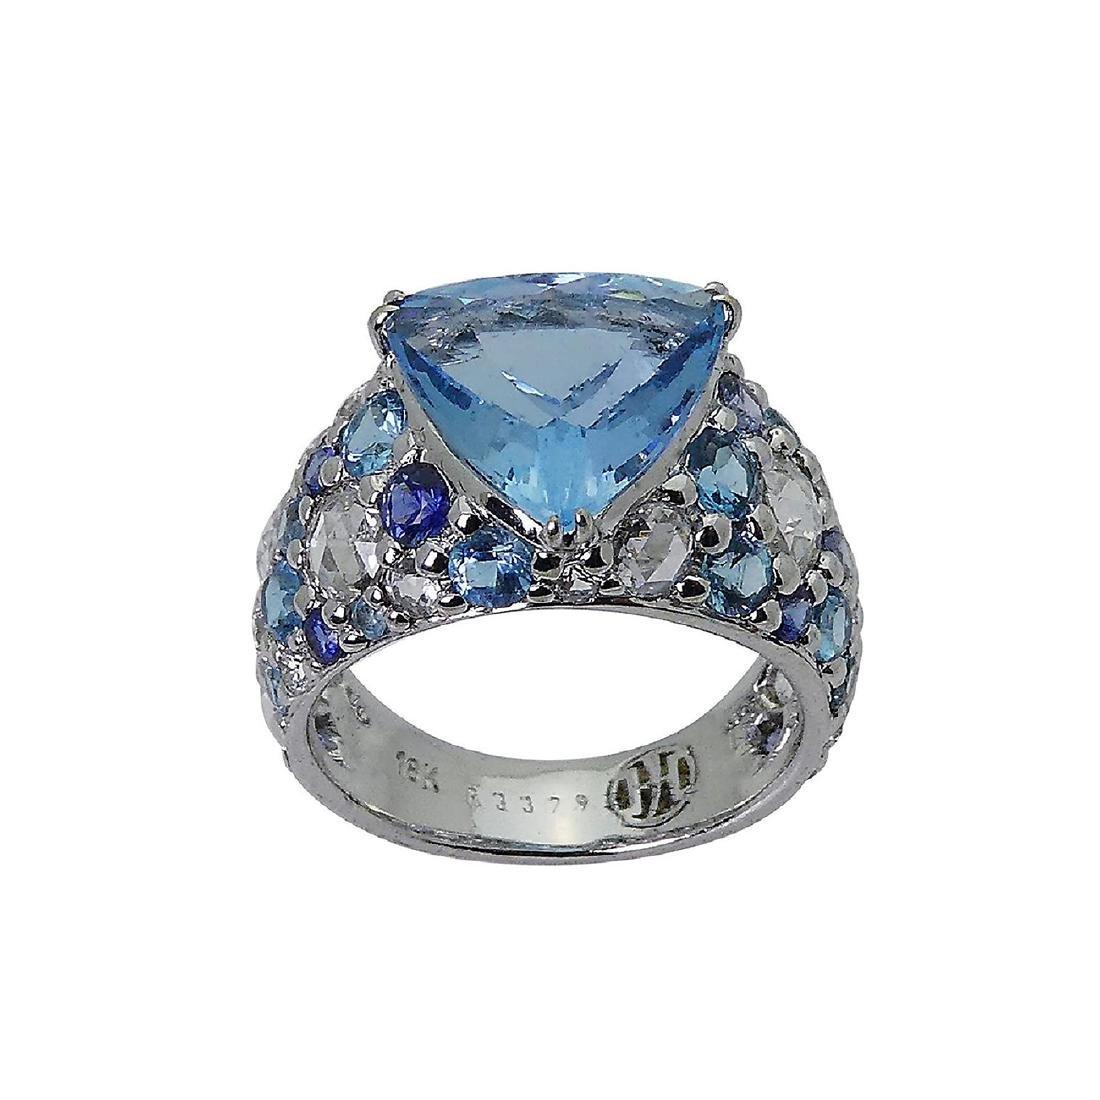 John Hardy 18k White Gold Diamond & Blue Topaz Ring - 2